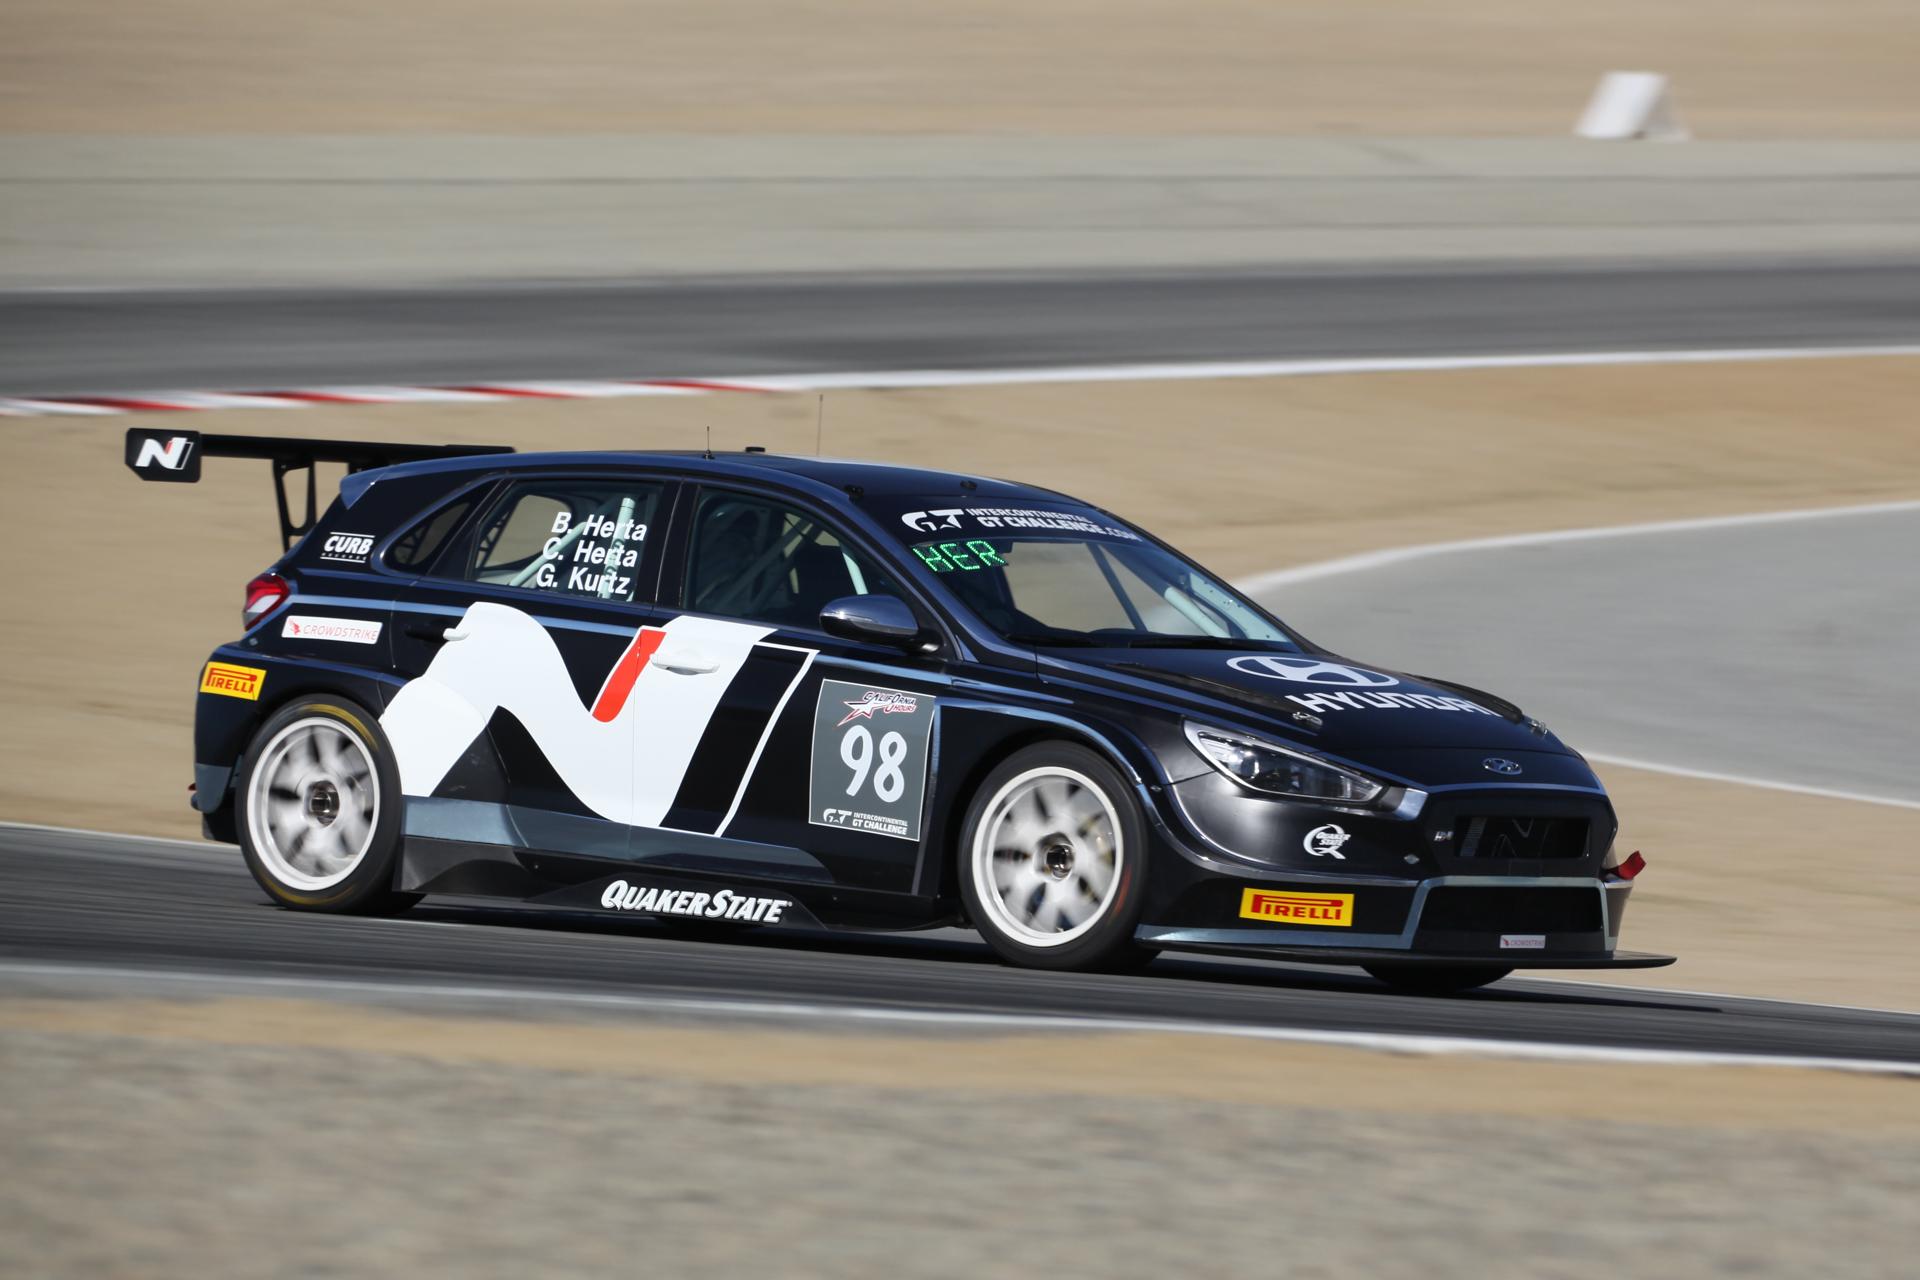 Bryan Herta Autosport - California 8 Hours